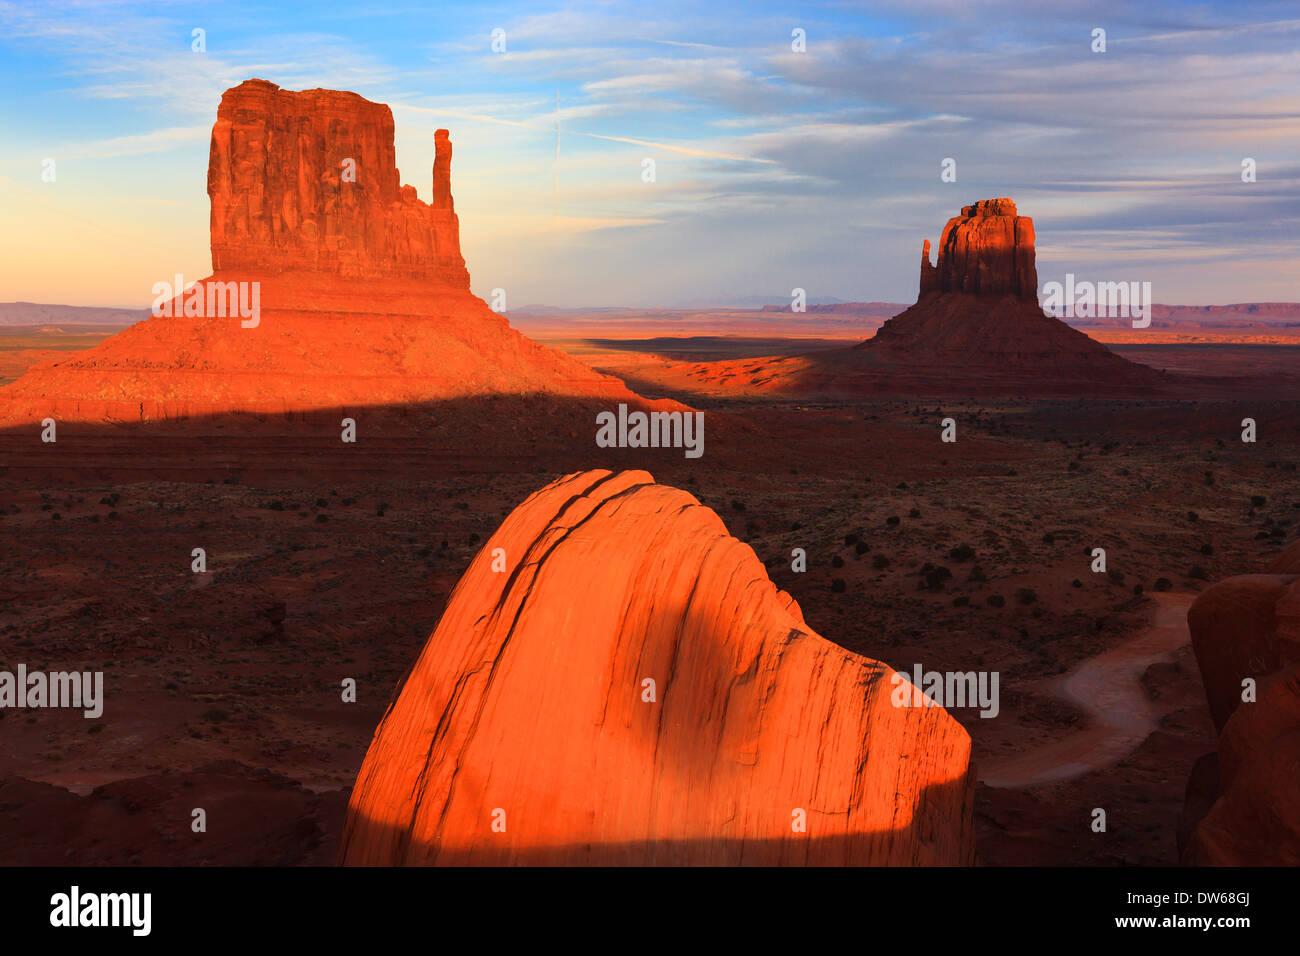 Coucher de soleil à Monument Valley Navajo Tribal Park, à la frontière de l'Utah et l'Arizona Photo Stock